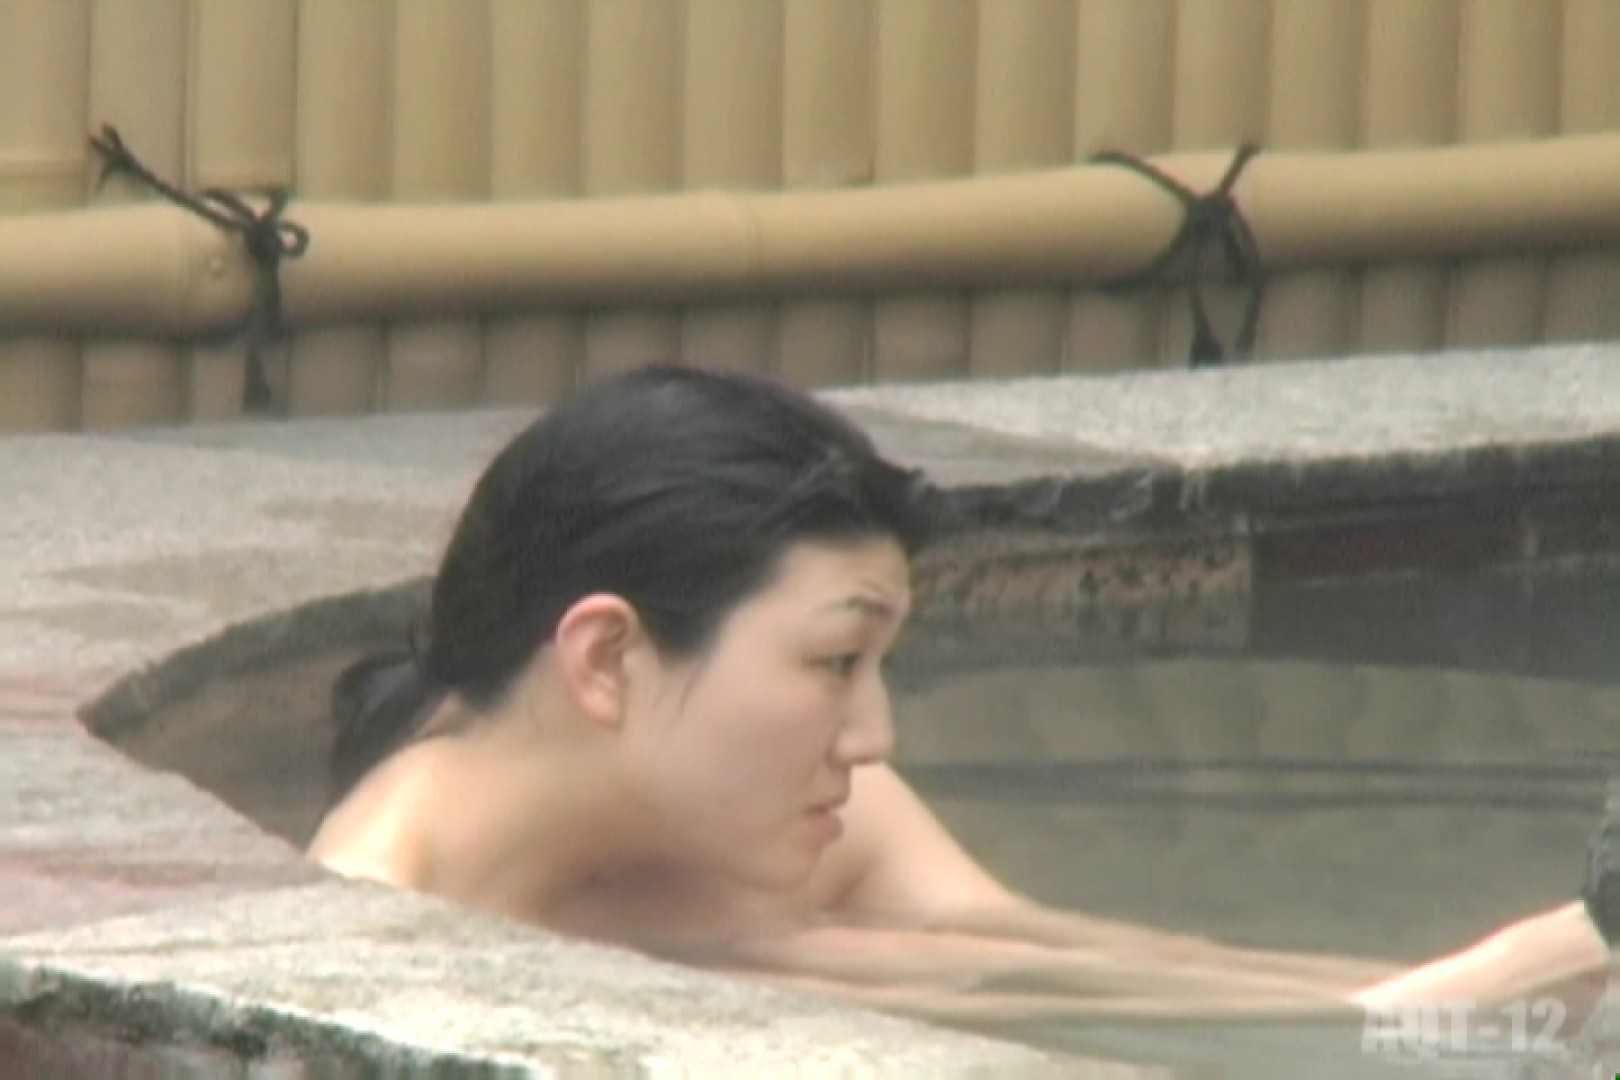 Aquaな露天風呂Vol.810 露天風呂 | 盗撮動画  10枚 5